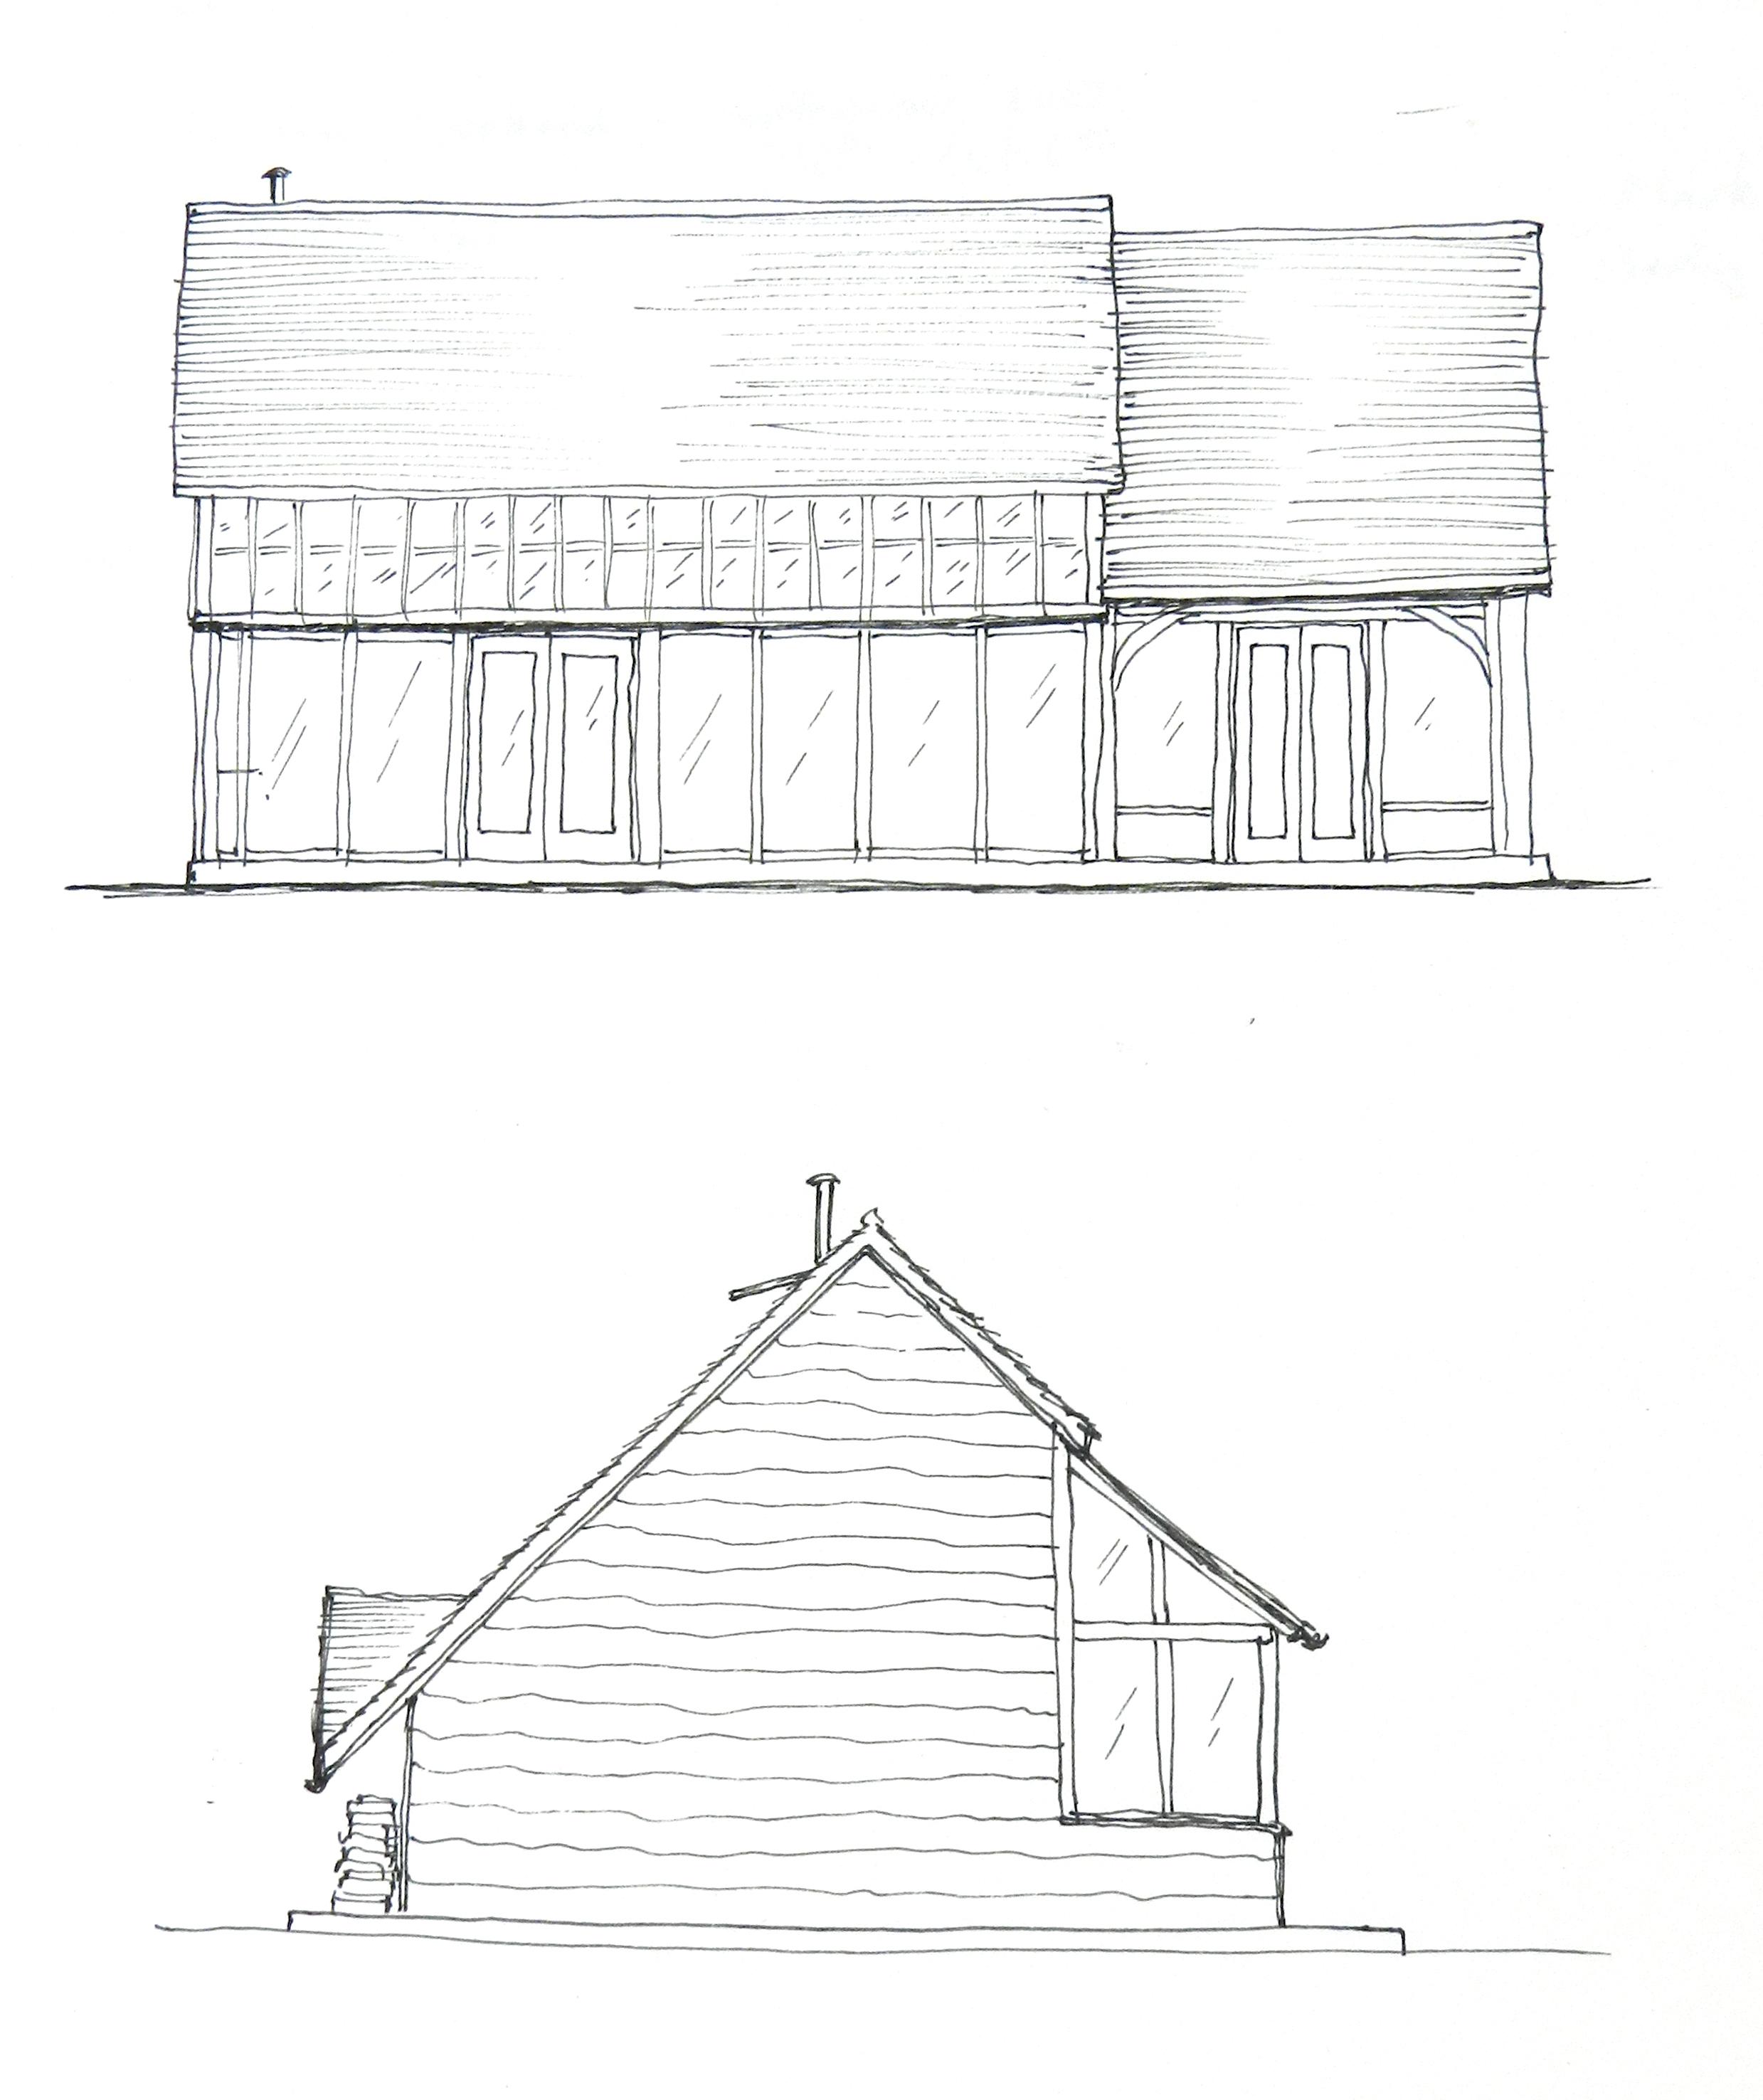 House Sketch Elevation